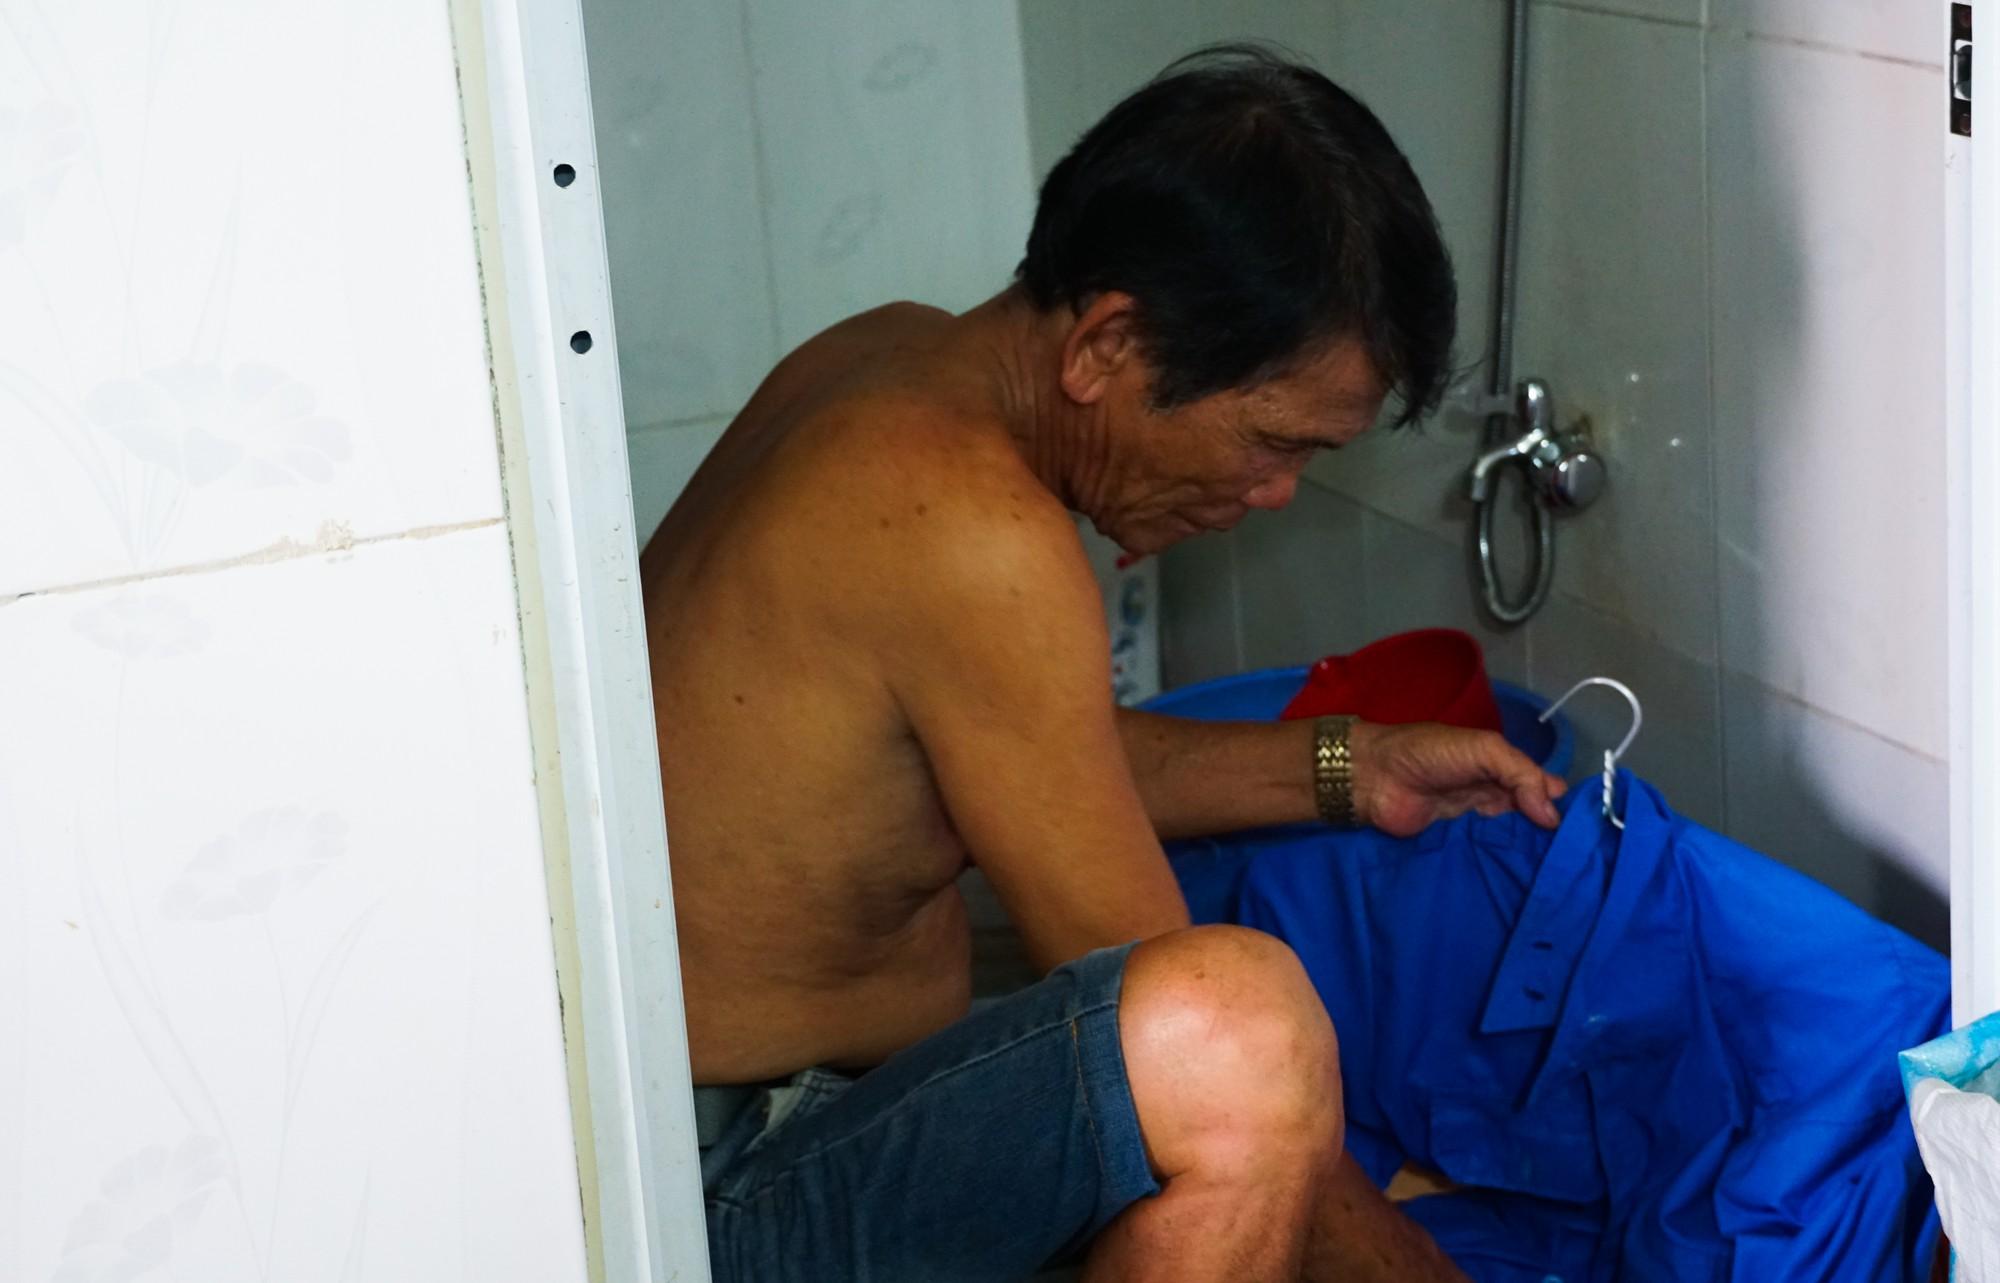 Chuyện tình đẹp như phim của bác bảo vệ già bị dàn cảnh trộm xe SH, bật khóc nức nở giữa Sài Gòn - Ảnh 8.